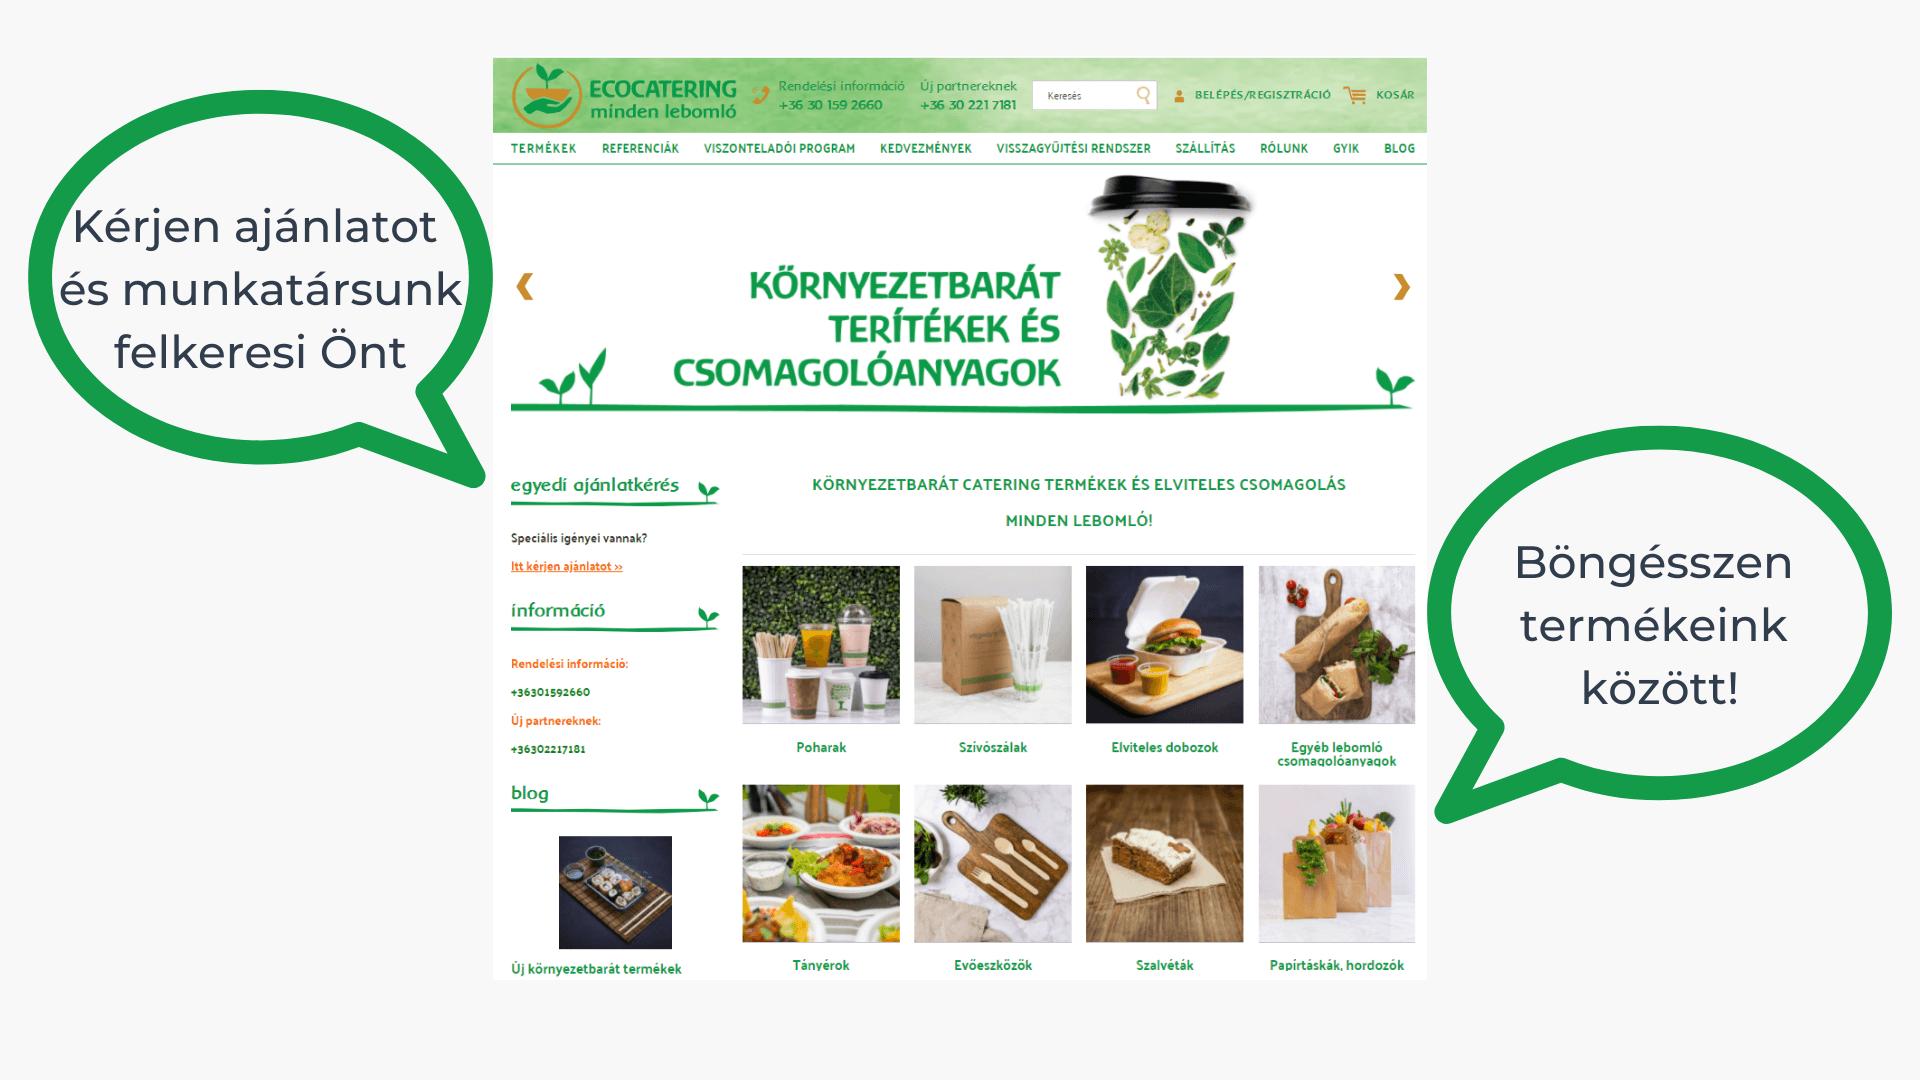 Az ecocatering.hu weboldal használata